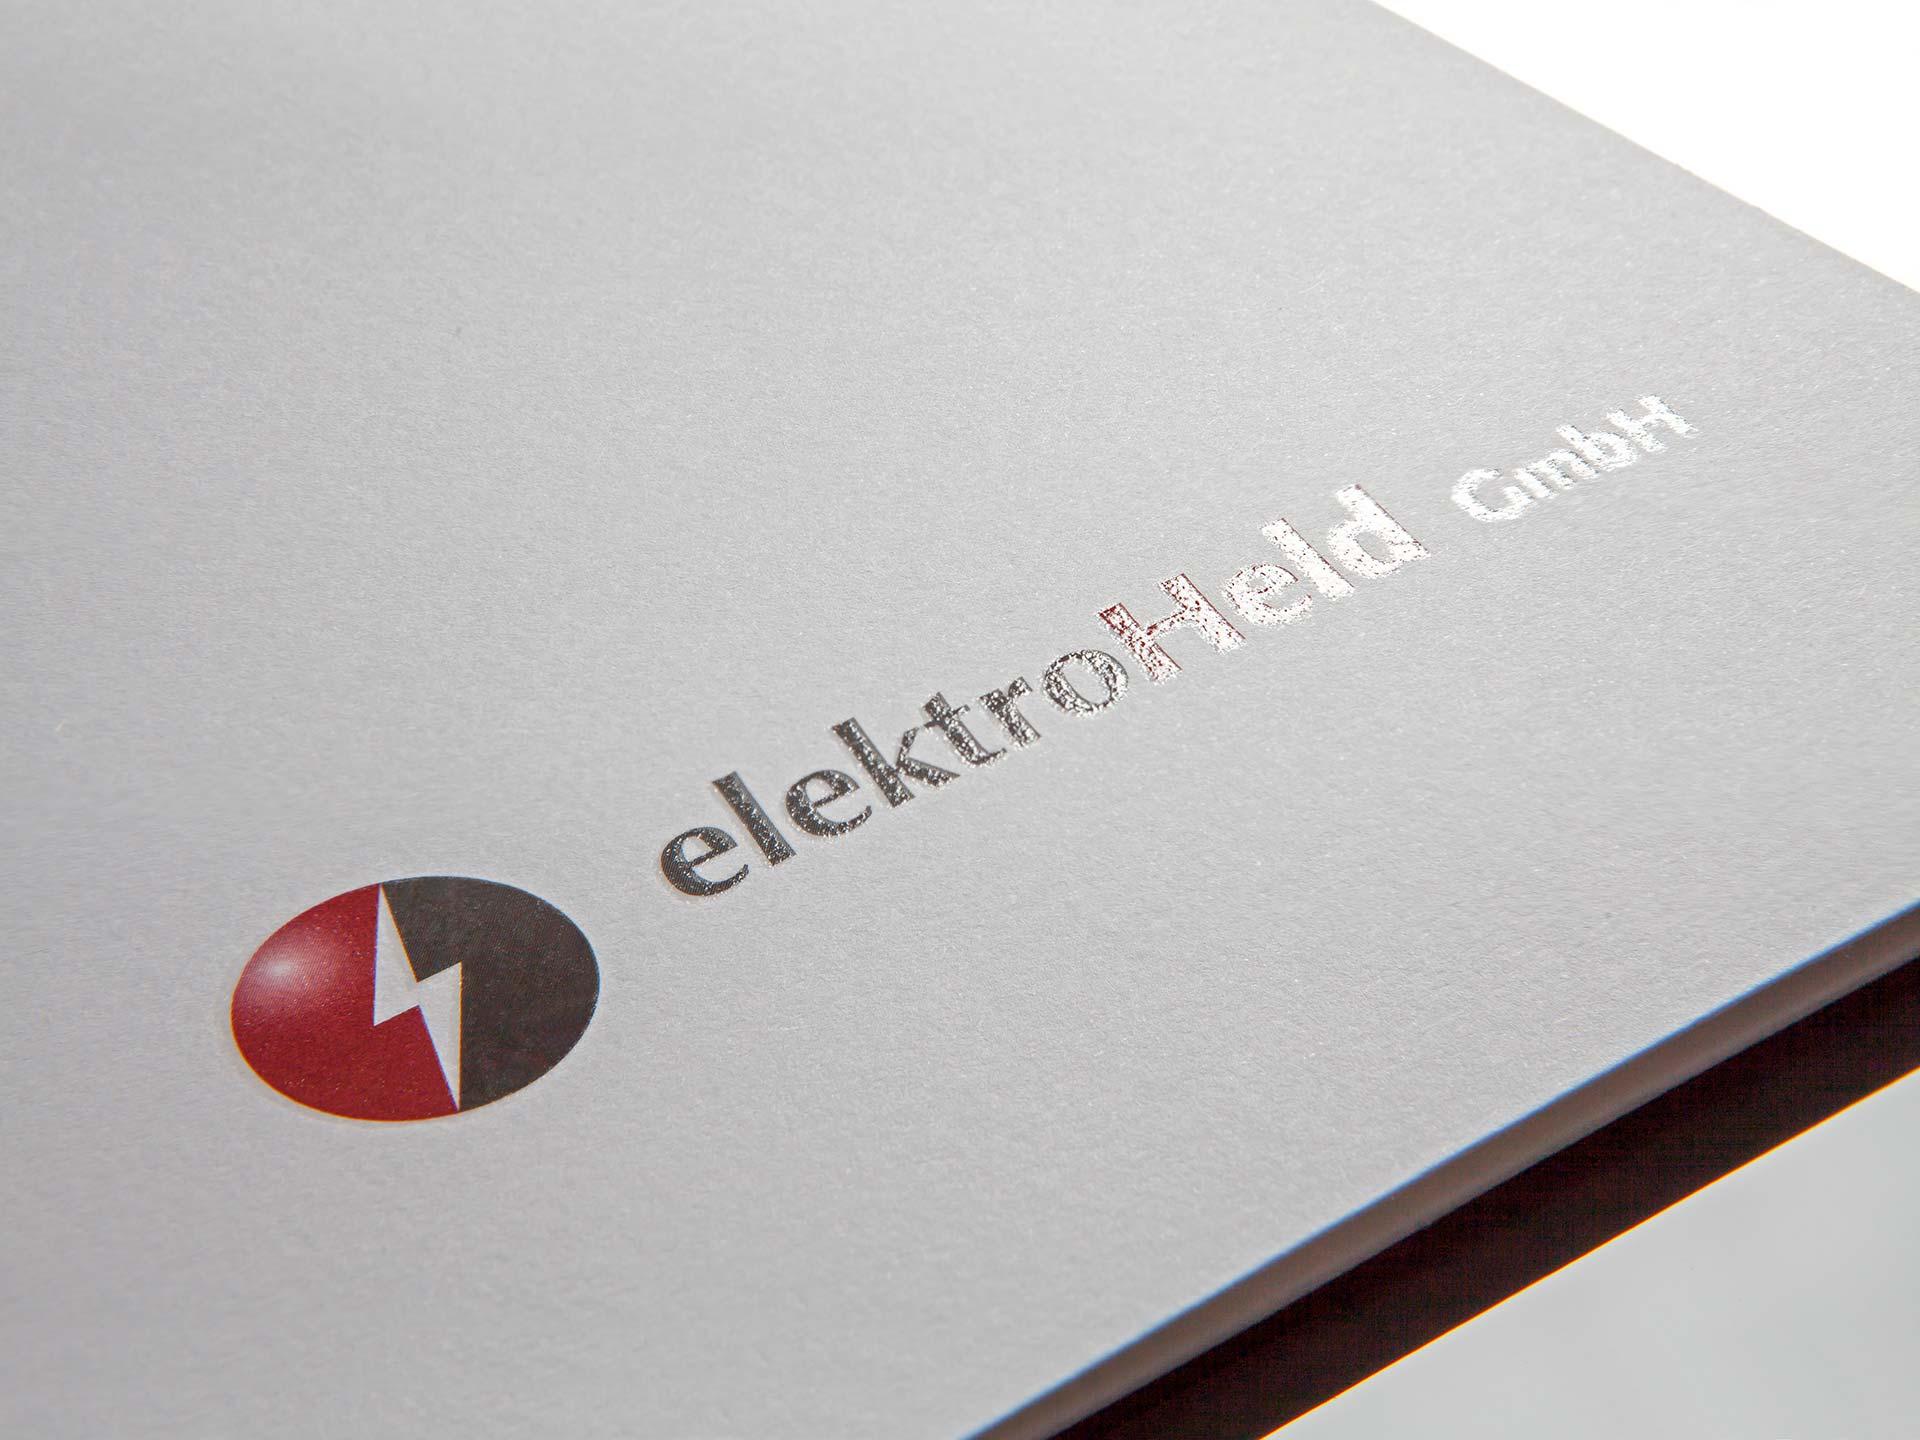 Elekro Held GmbH - Logo auf Image-Mappe, Zweifarbendruck und partieller UV-Lack